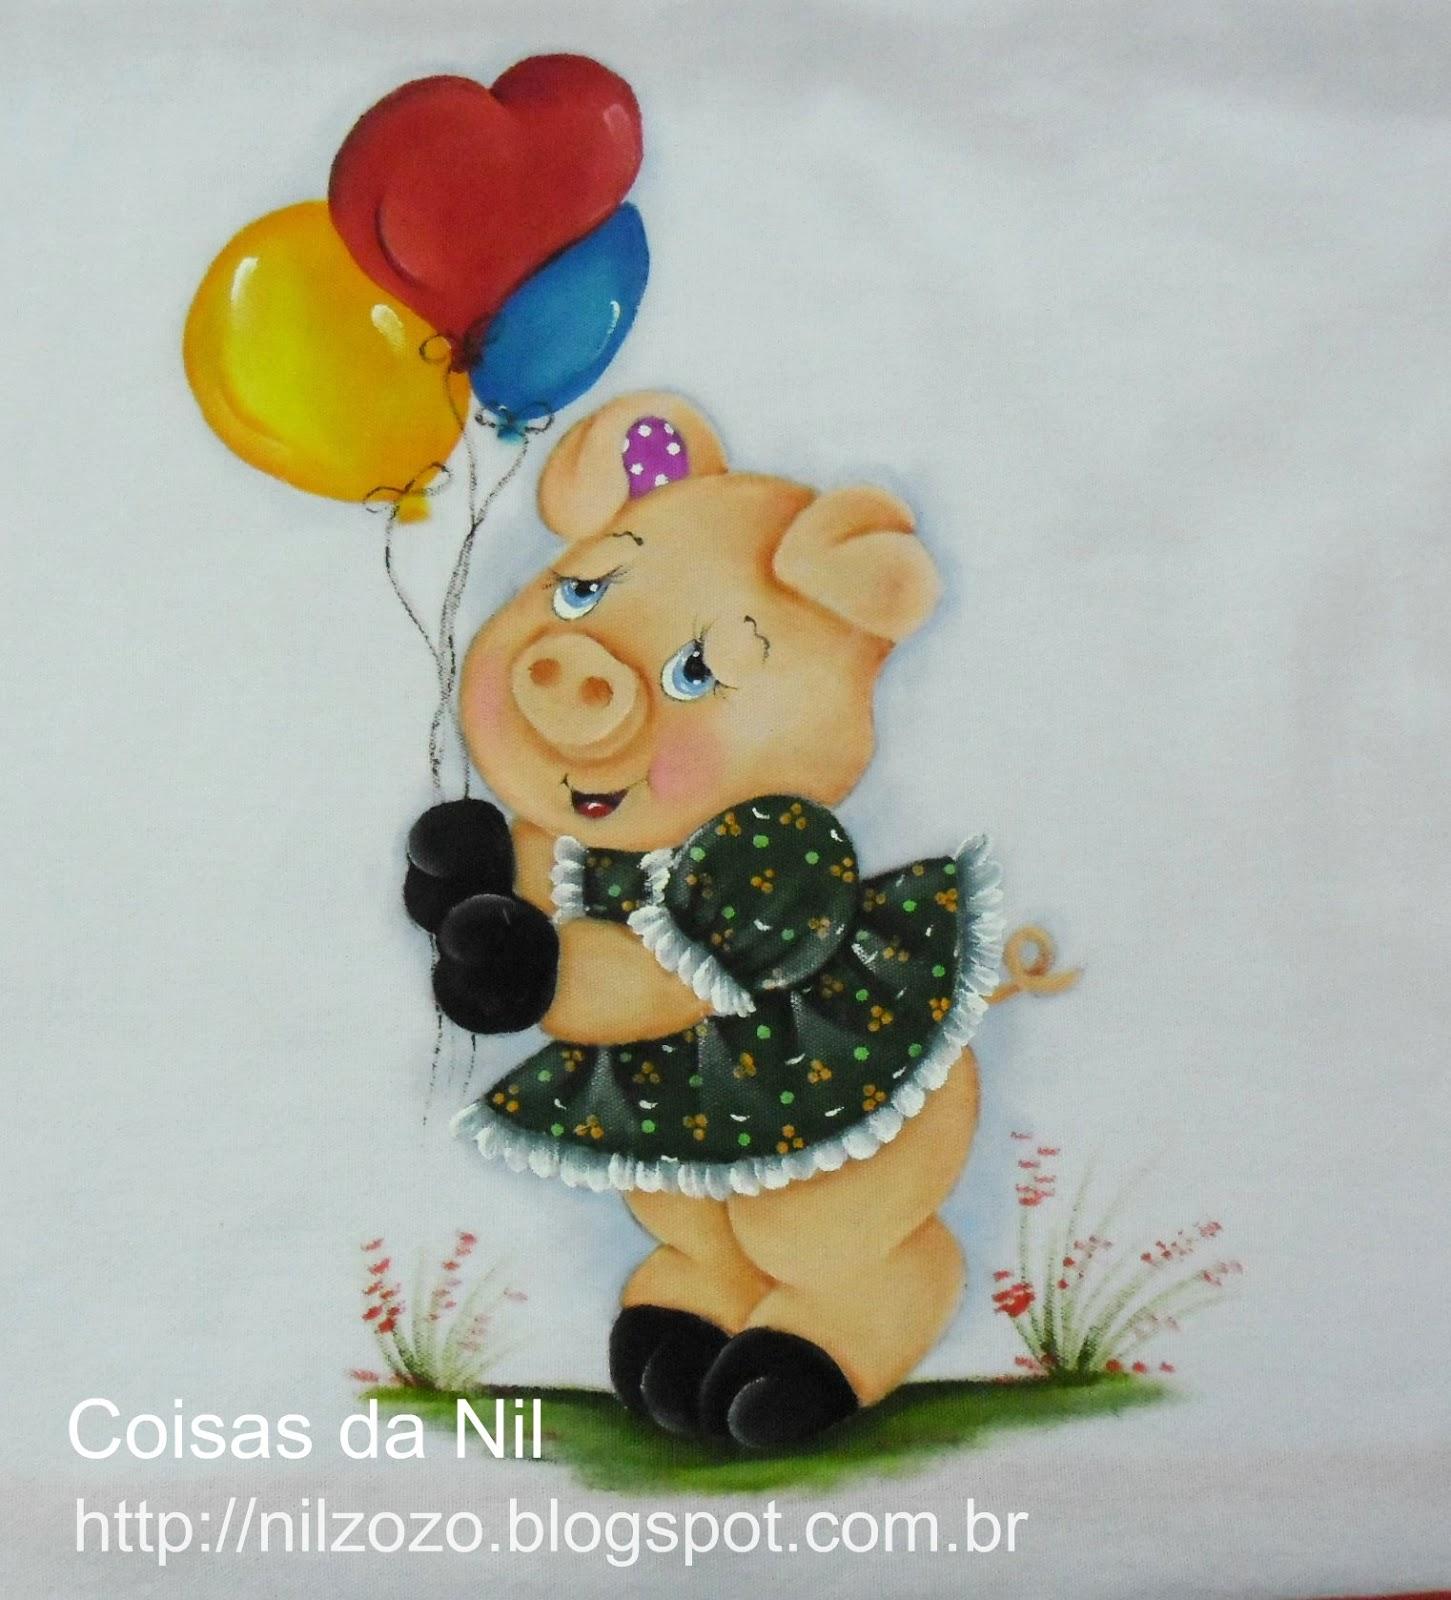 Bolsa Feita Com Pano De Guarda Chuva : Atelie cantinho da arte porquinhos pintura em tecido com